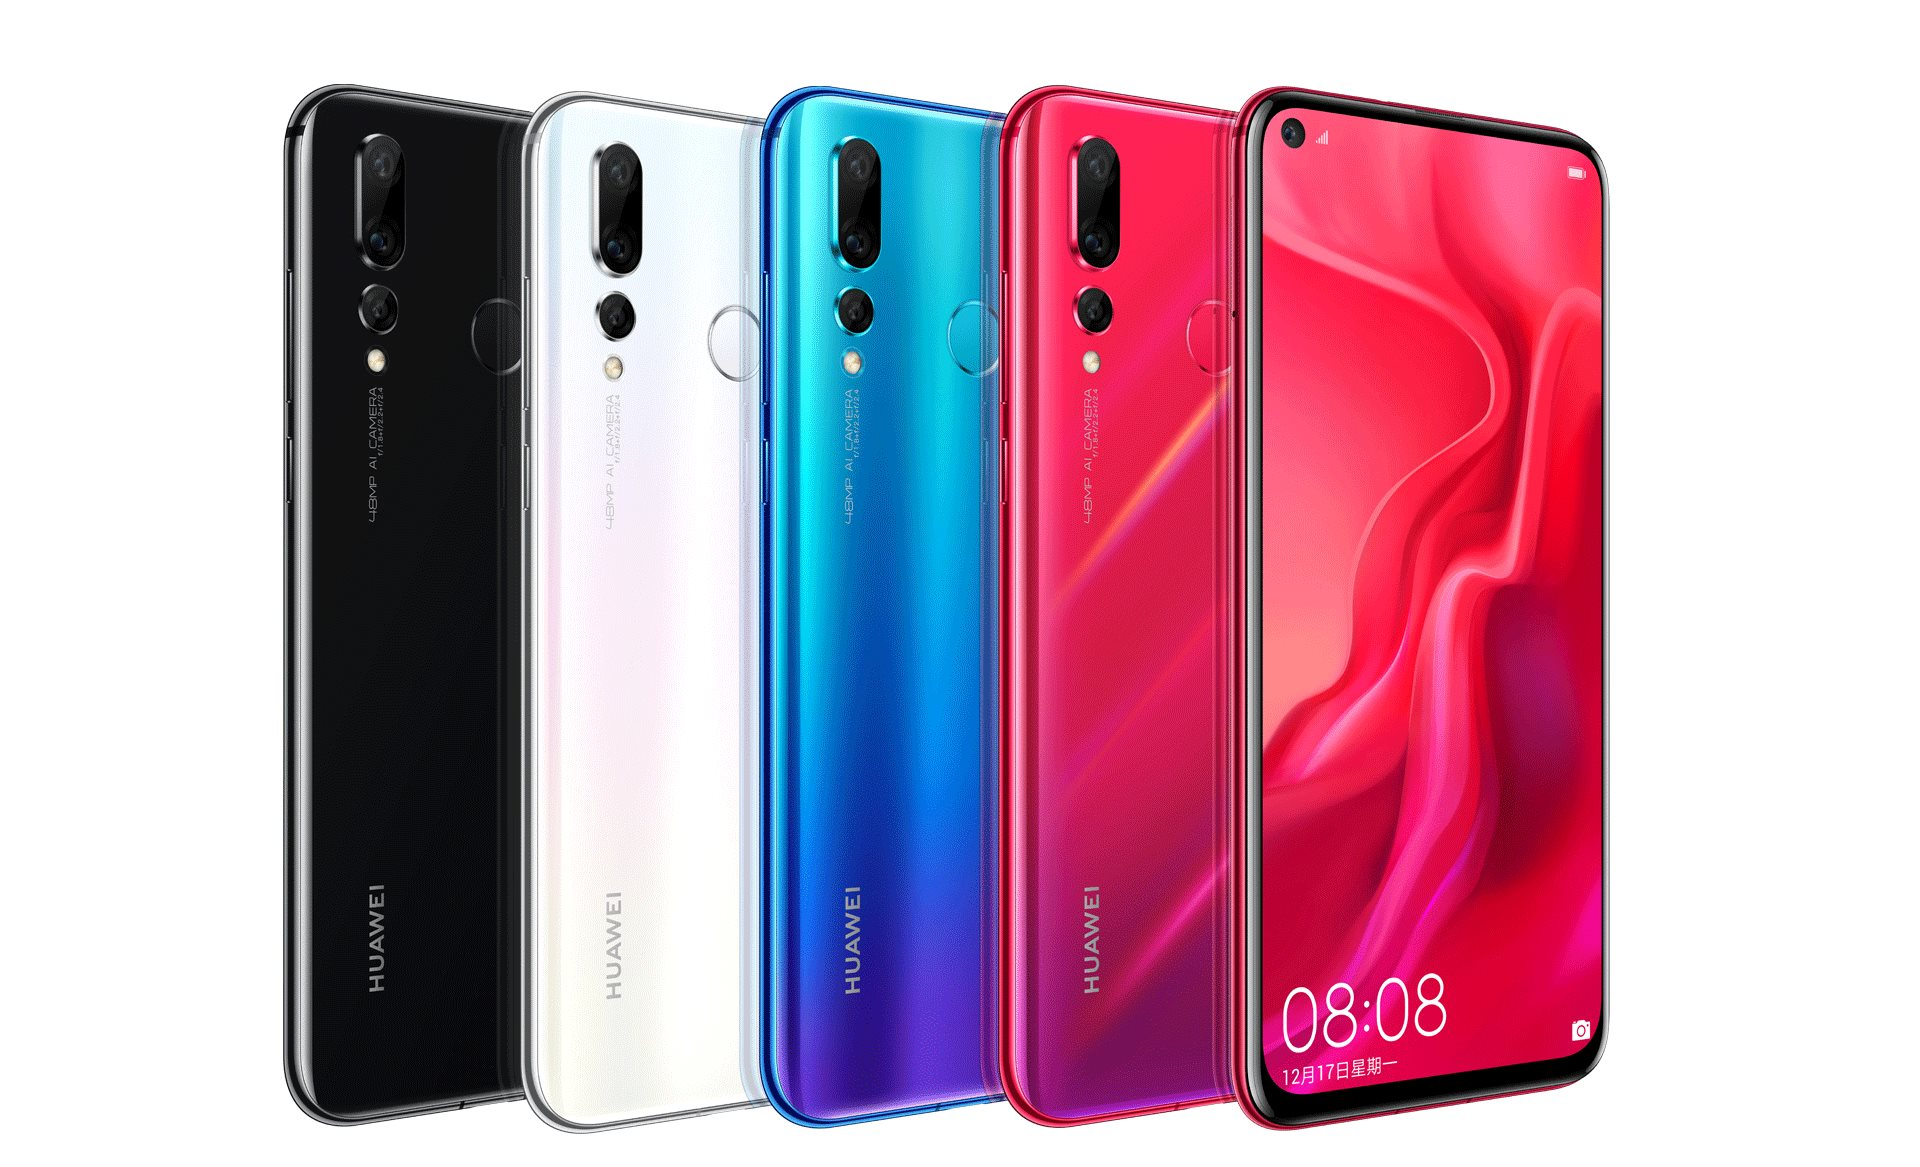 À l arrière, on est plutôt face à une reprise du Huawei P20 Pro, avec ce  triple capteur photo séparé en deux modules, tout en adoptant un dos  arrondi qui ... 7e84395b9a53